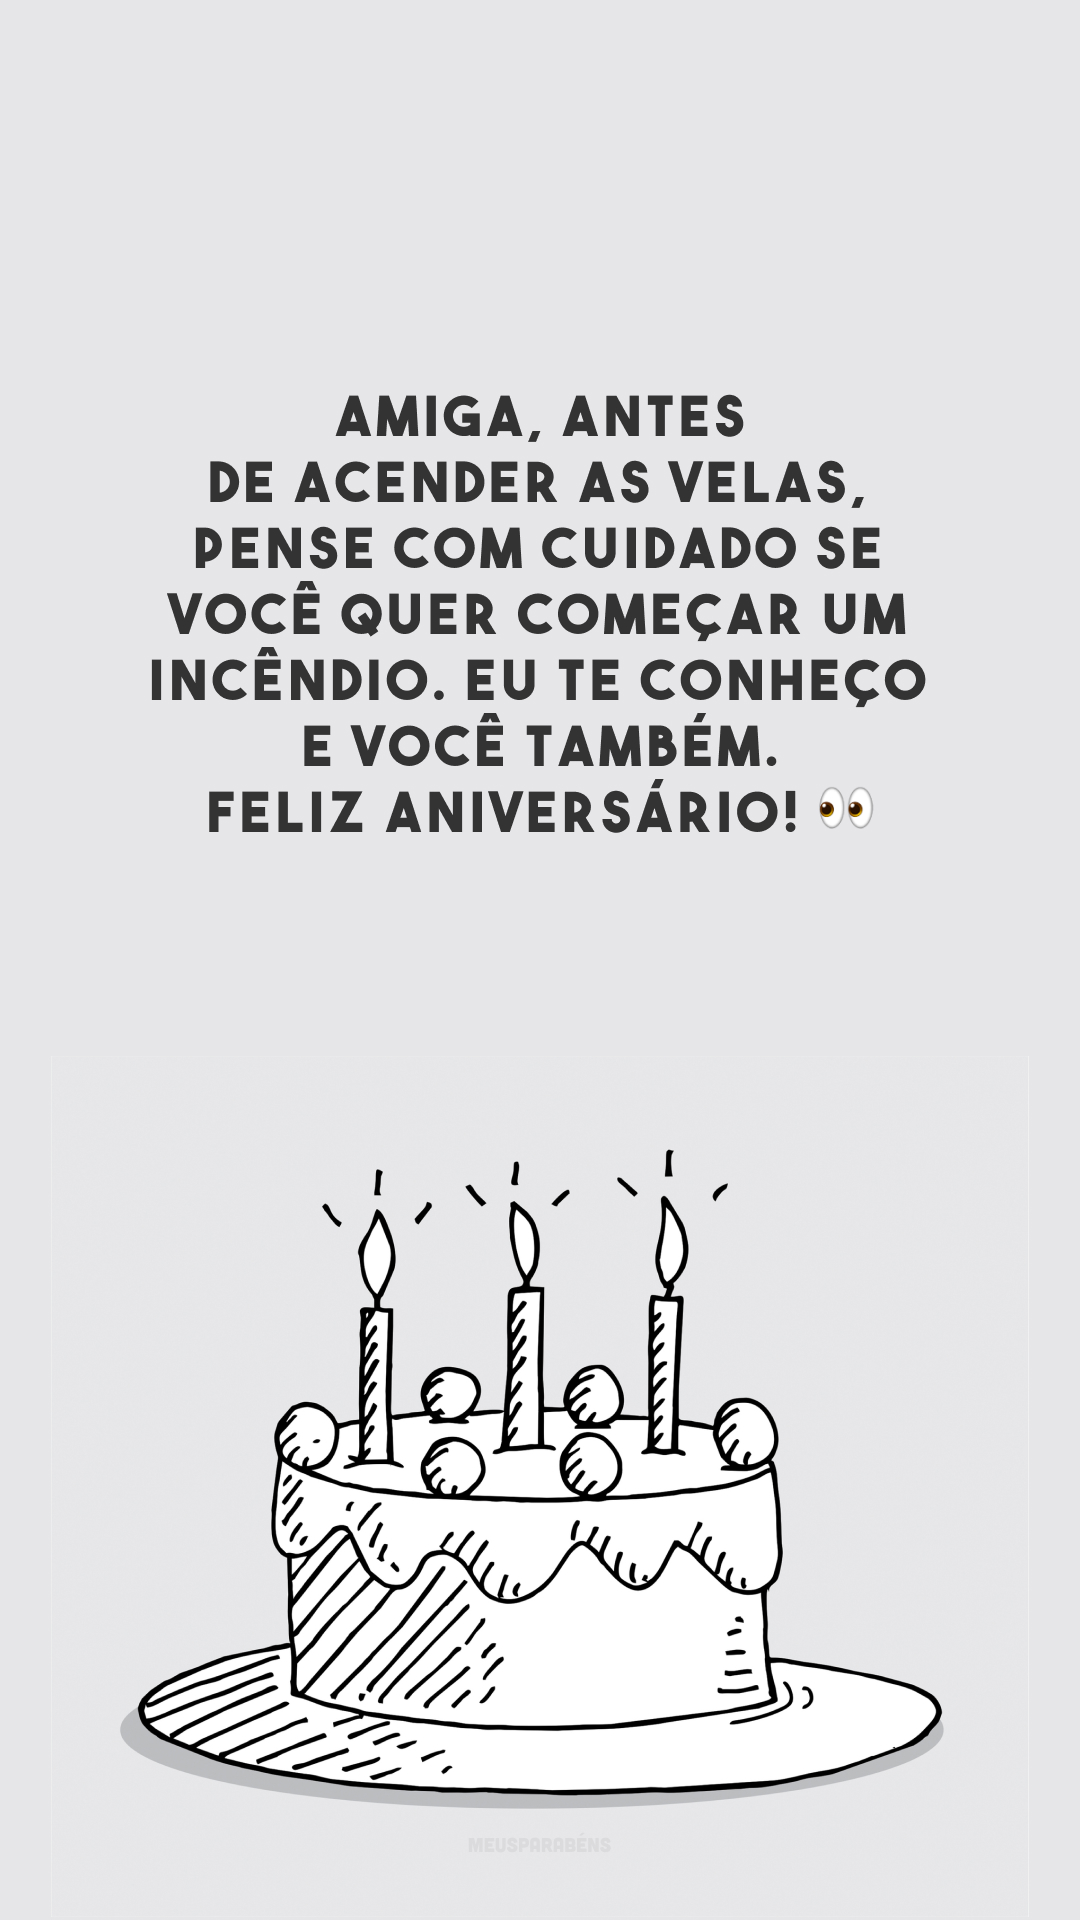 Amiga, antes de acender as velas, pense com cuidado se você quer começar um incêndio. Eu te conheço e você também. Feliz aniversário! 👀